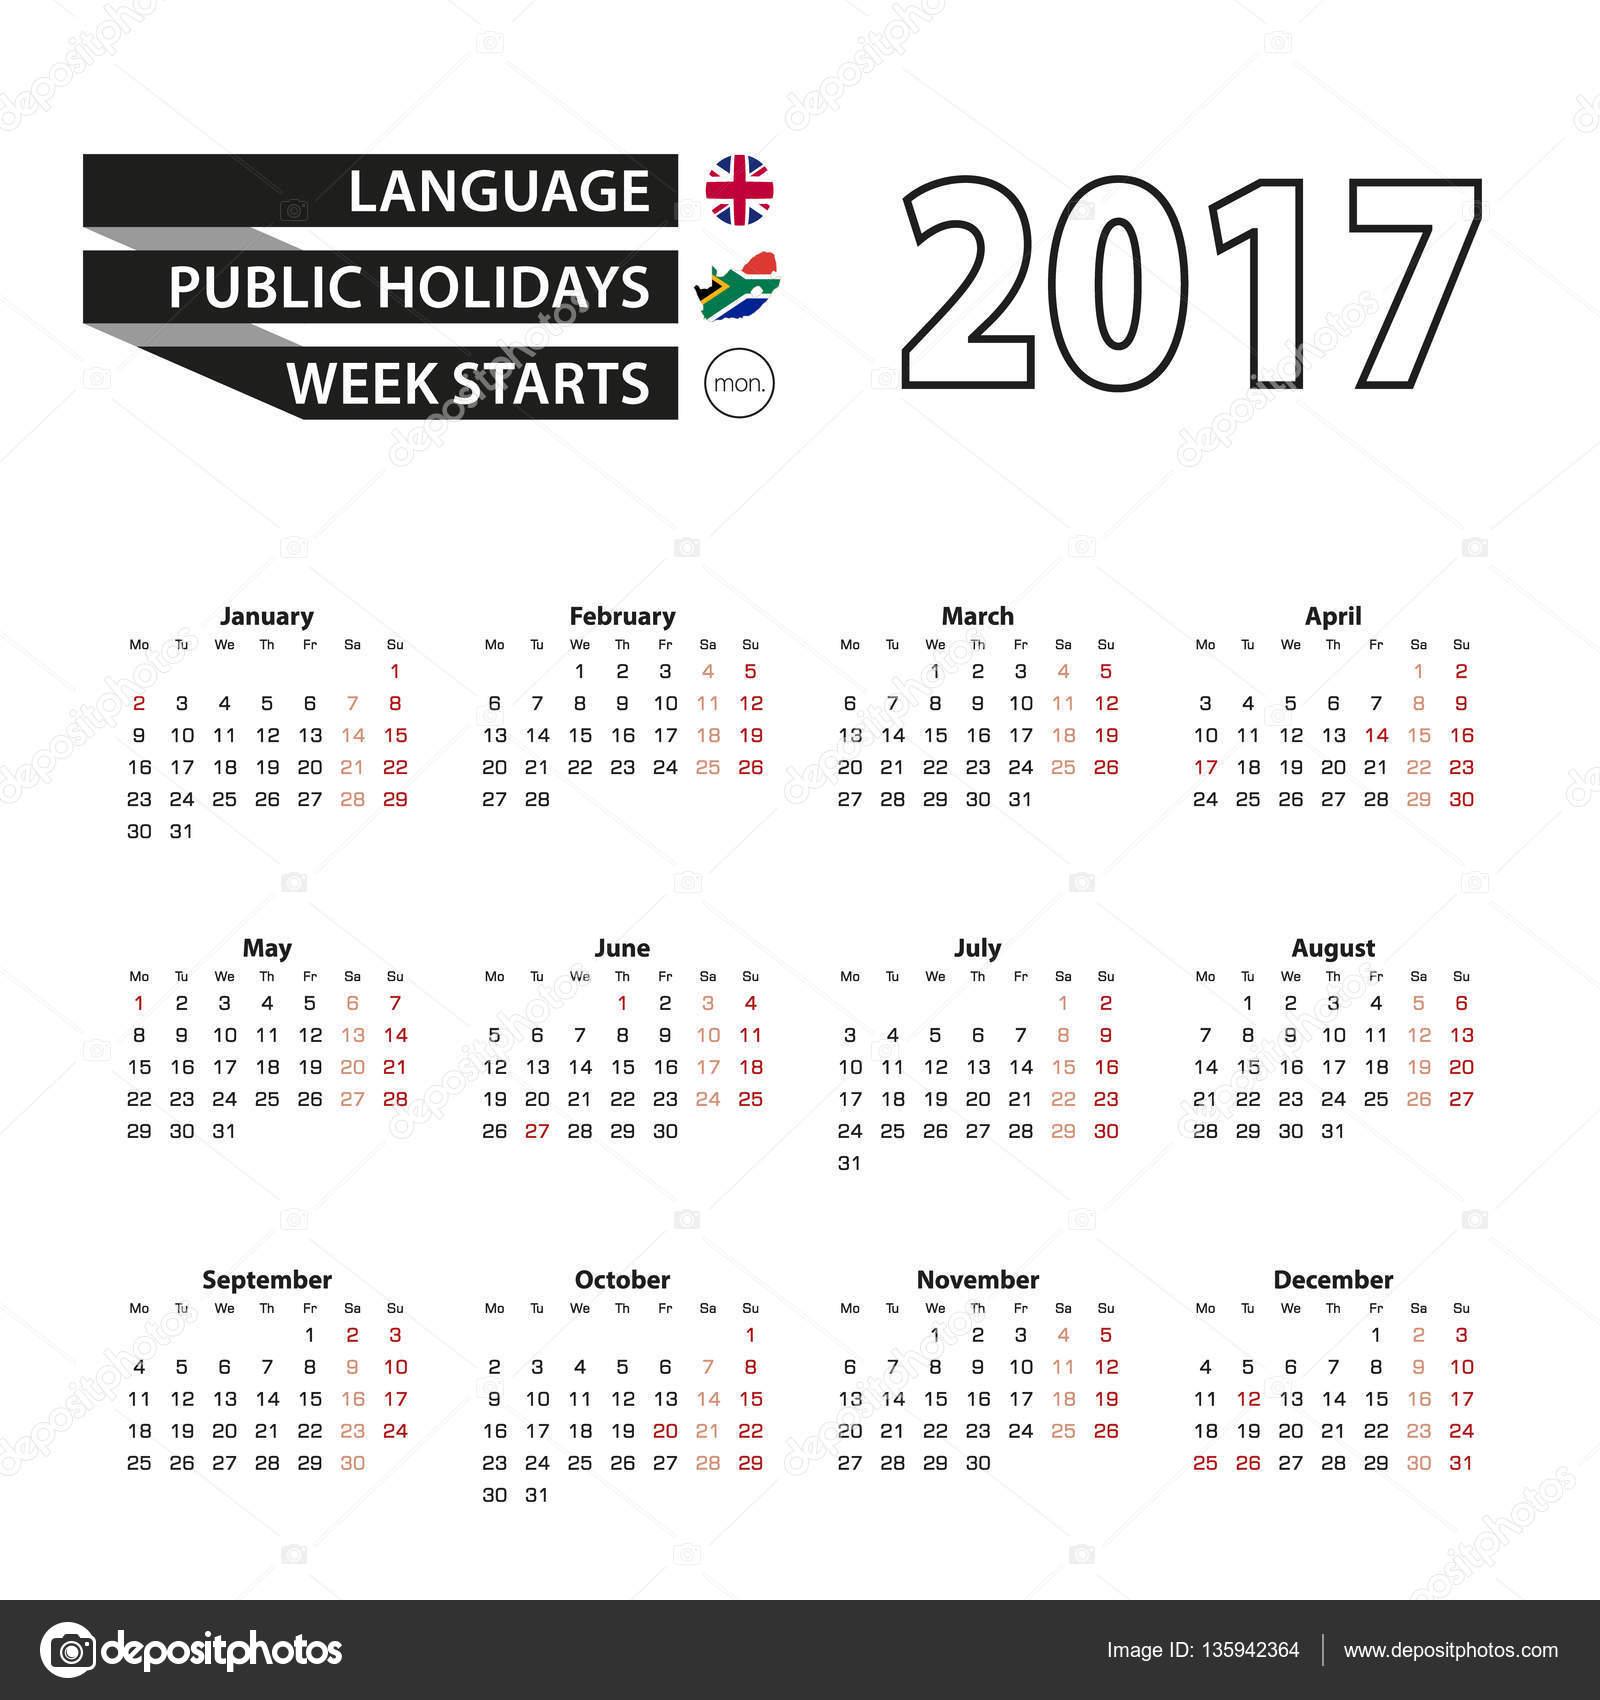 Calendario Traduzione Inglese.Calendario 2017 Sulla Lingua Inglese Con I Giorni Festivi